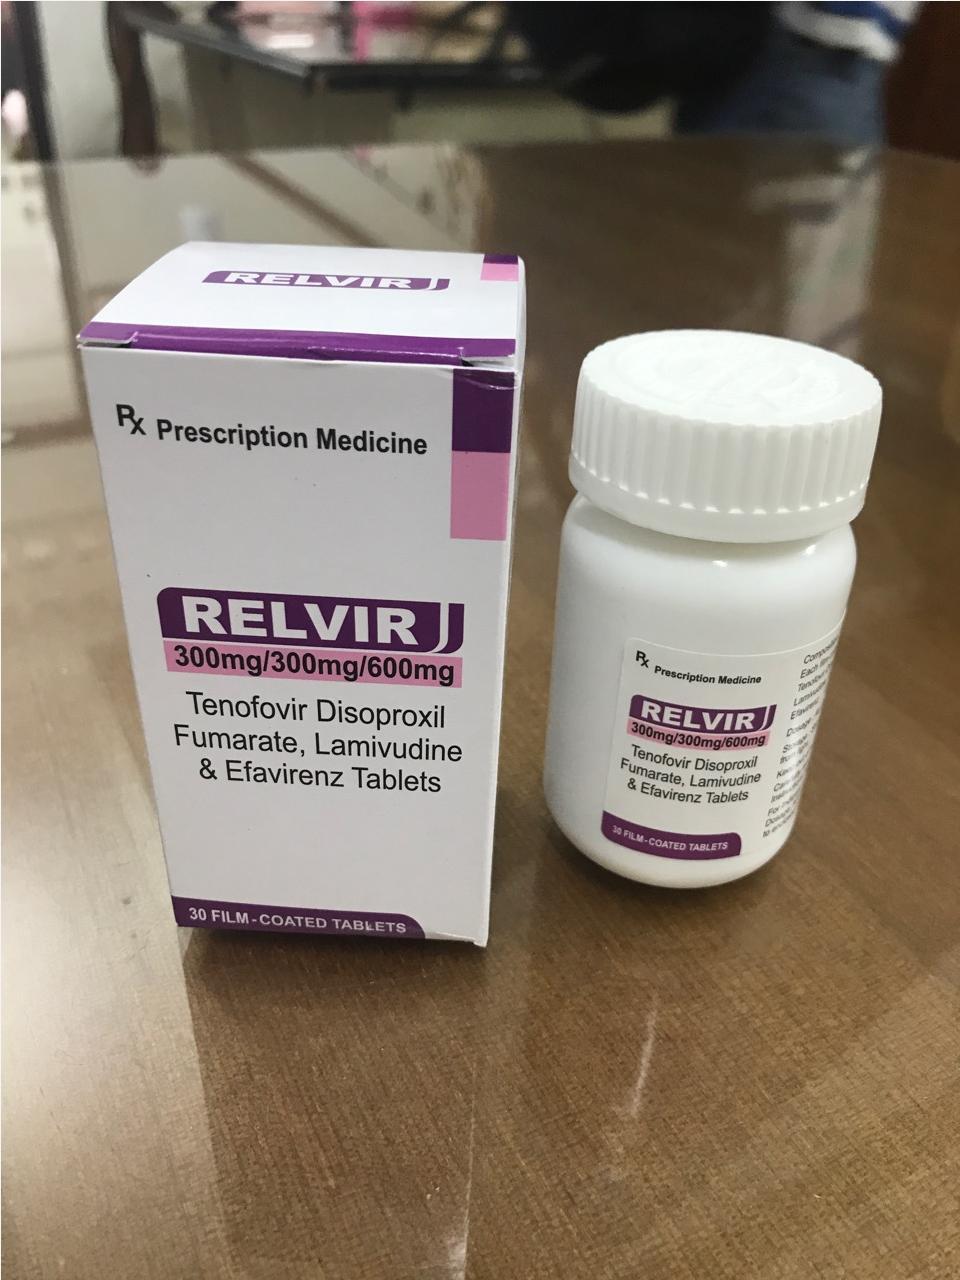 Thuốc Relvir ARV thuốc Pep chống phơi nhiễm  mua ở đâu giá bao nhiêu?